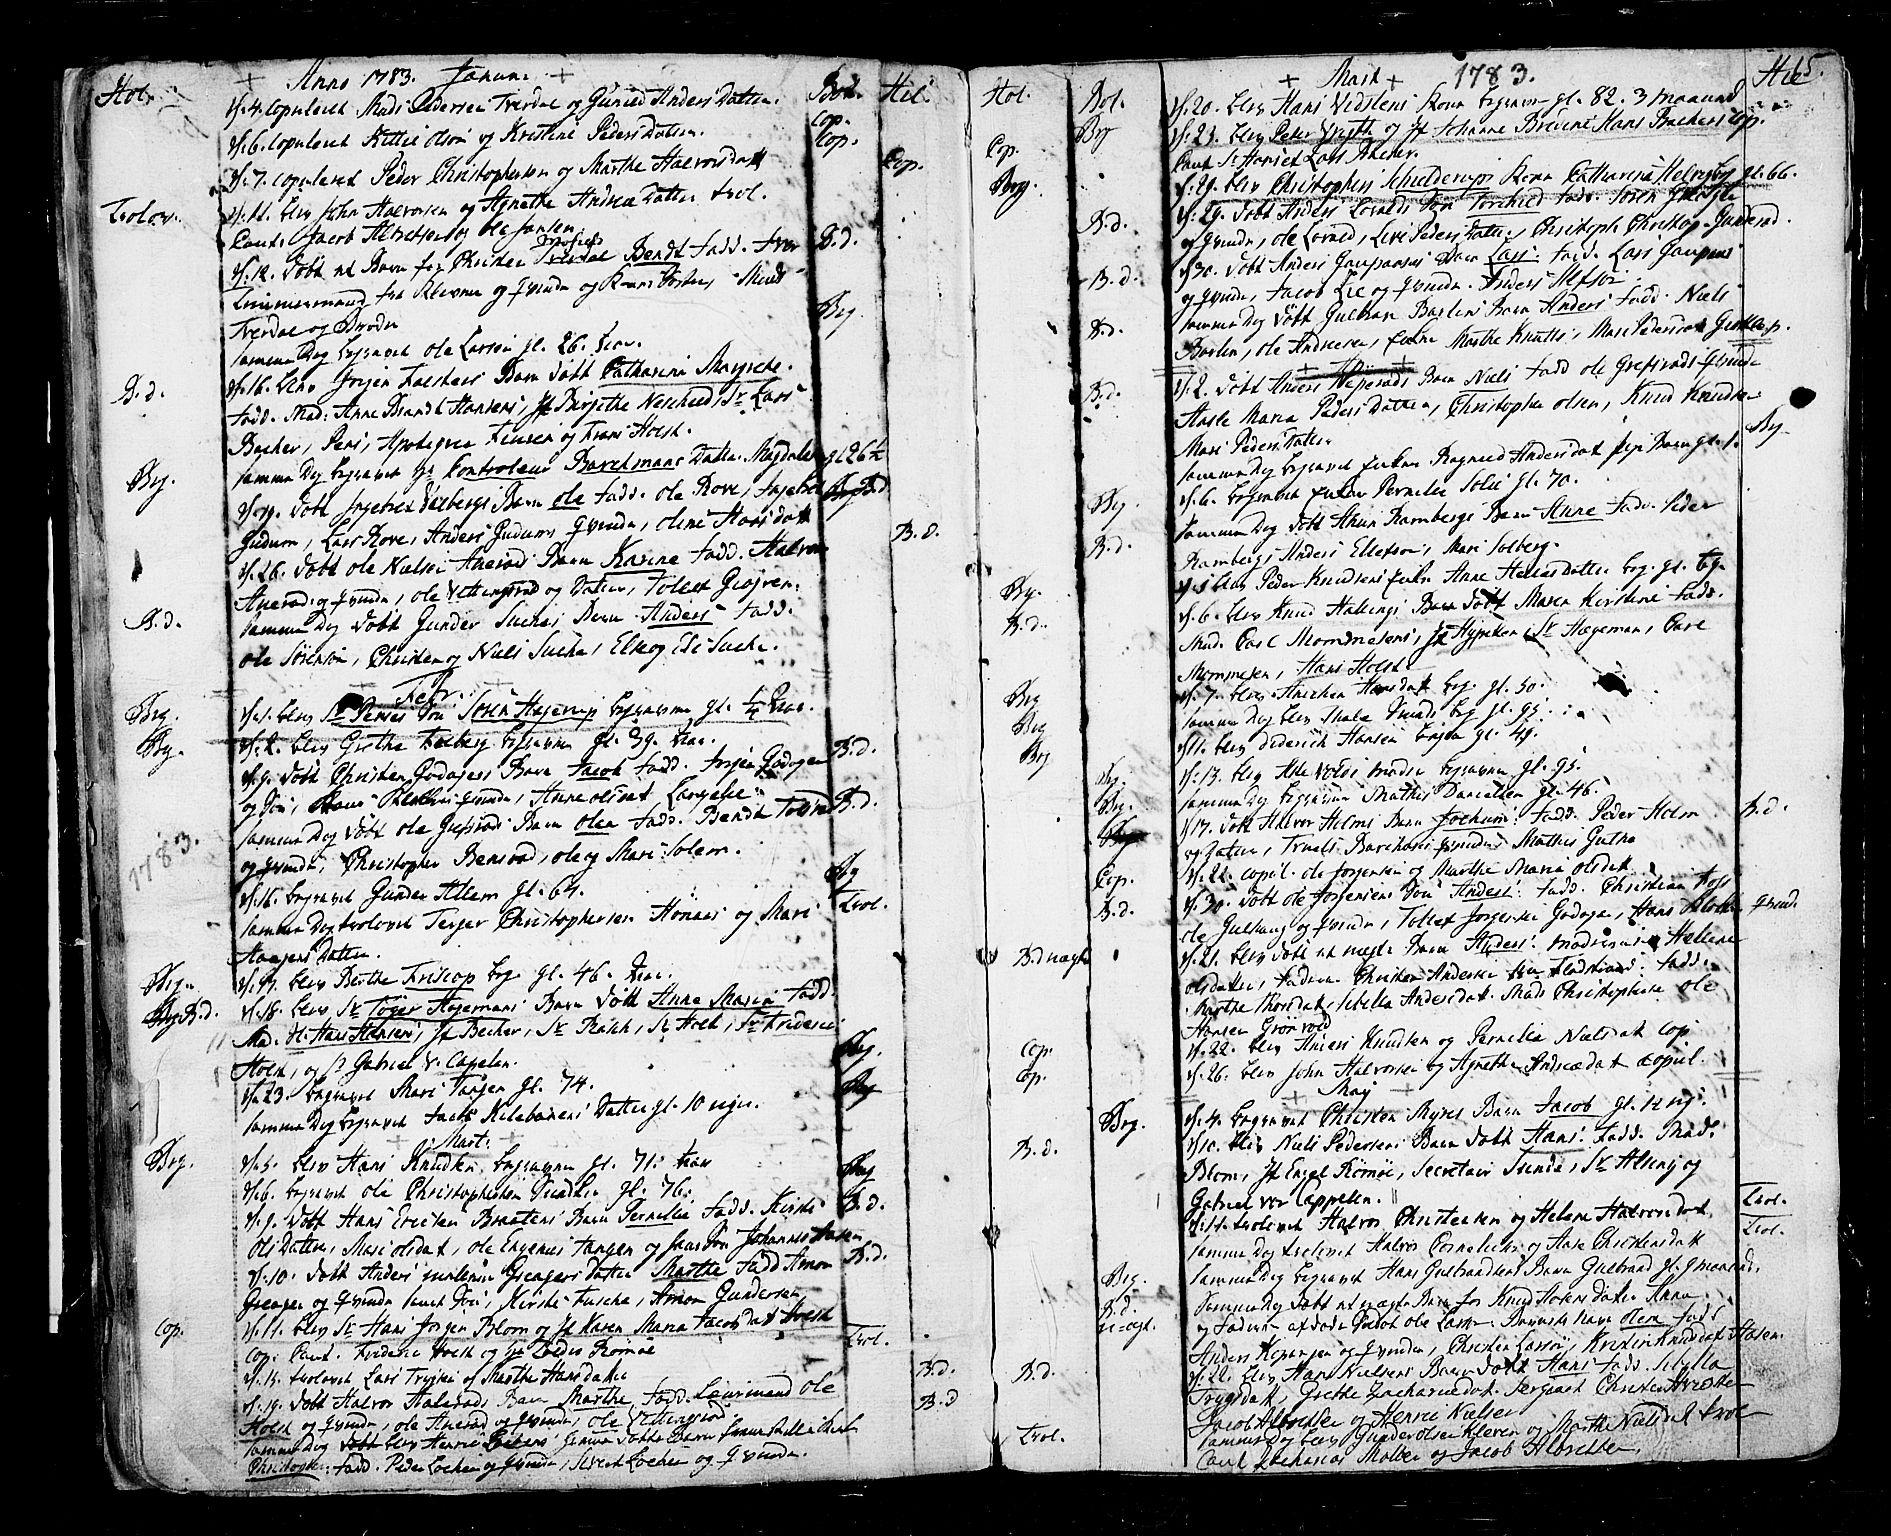 SAKO, Botne kirkebøker, F/Fa/L0002: Ministerialbok nr. I 2, 1779-1791, s. 15